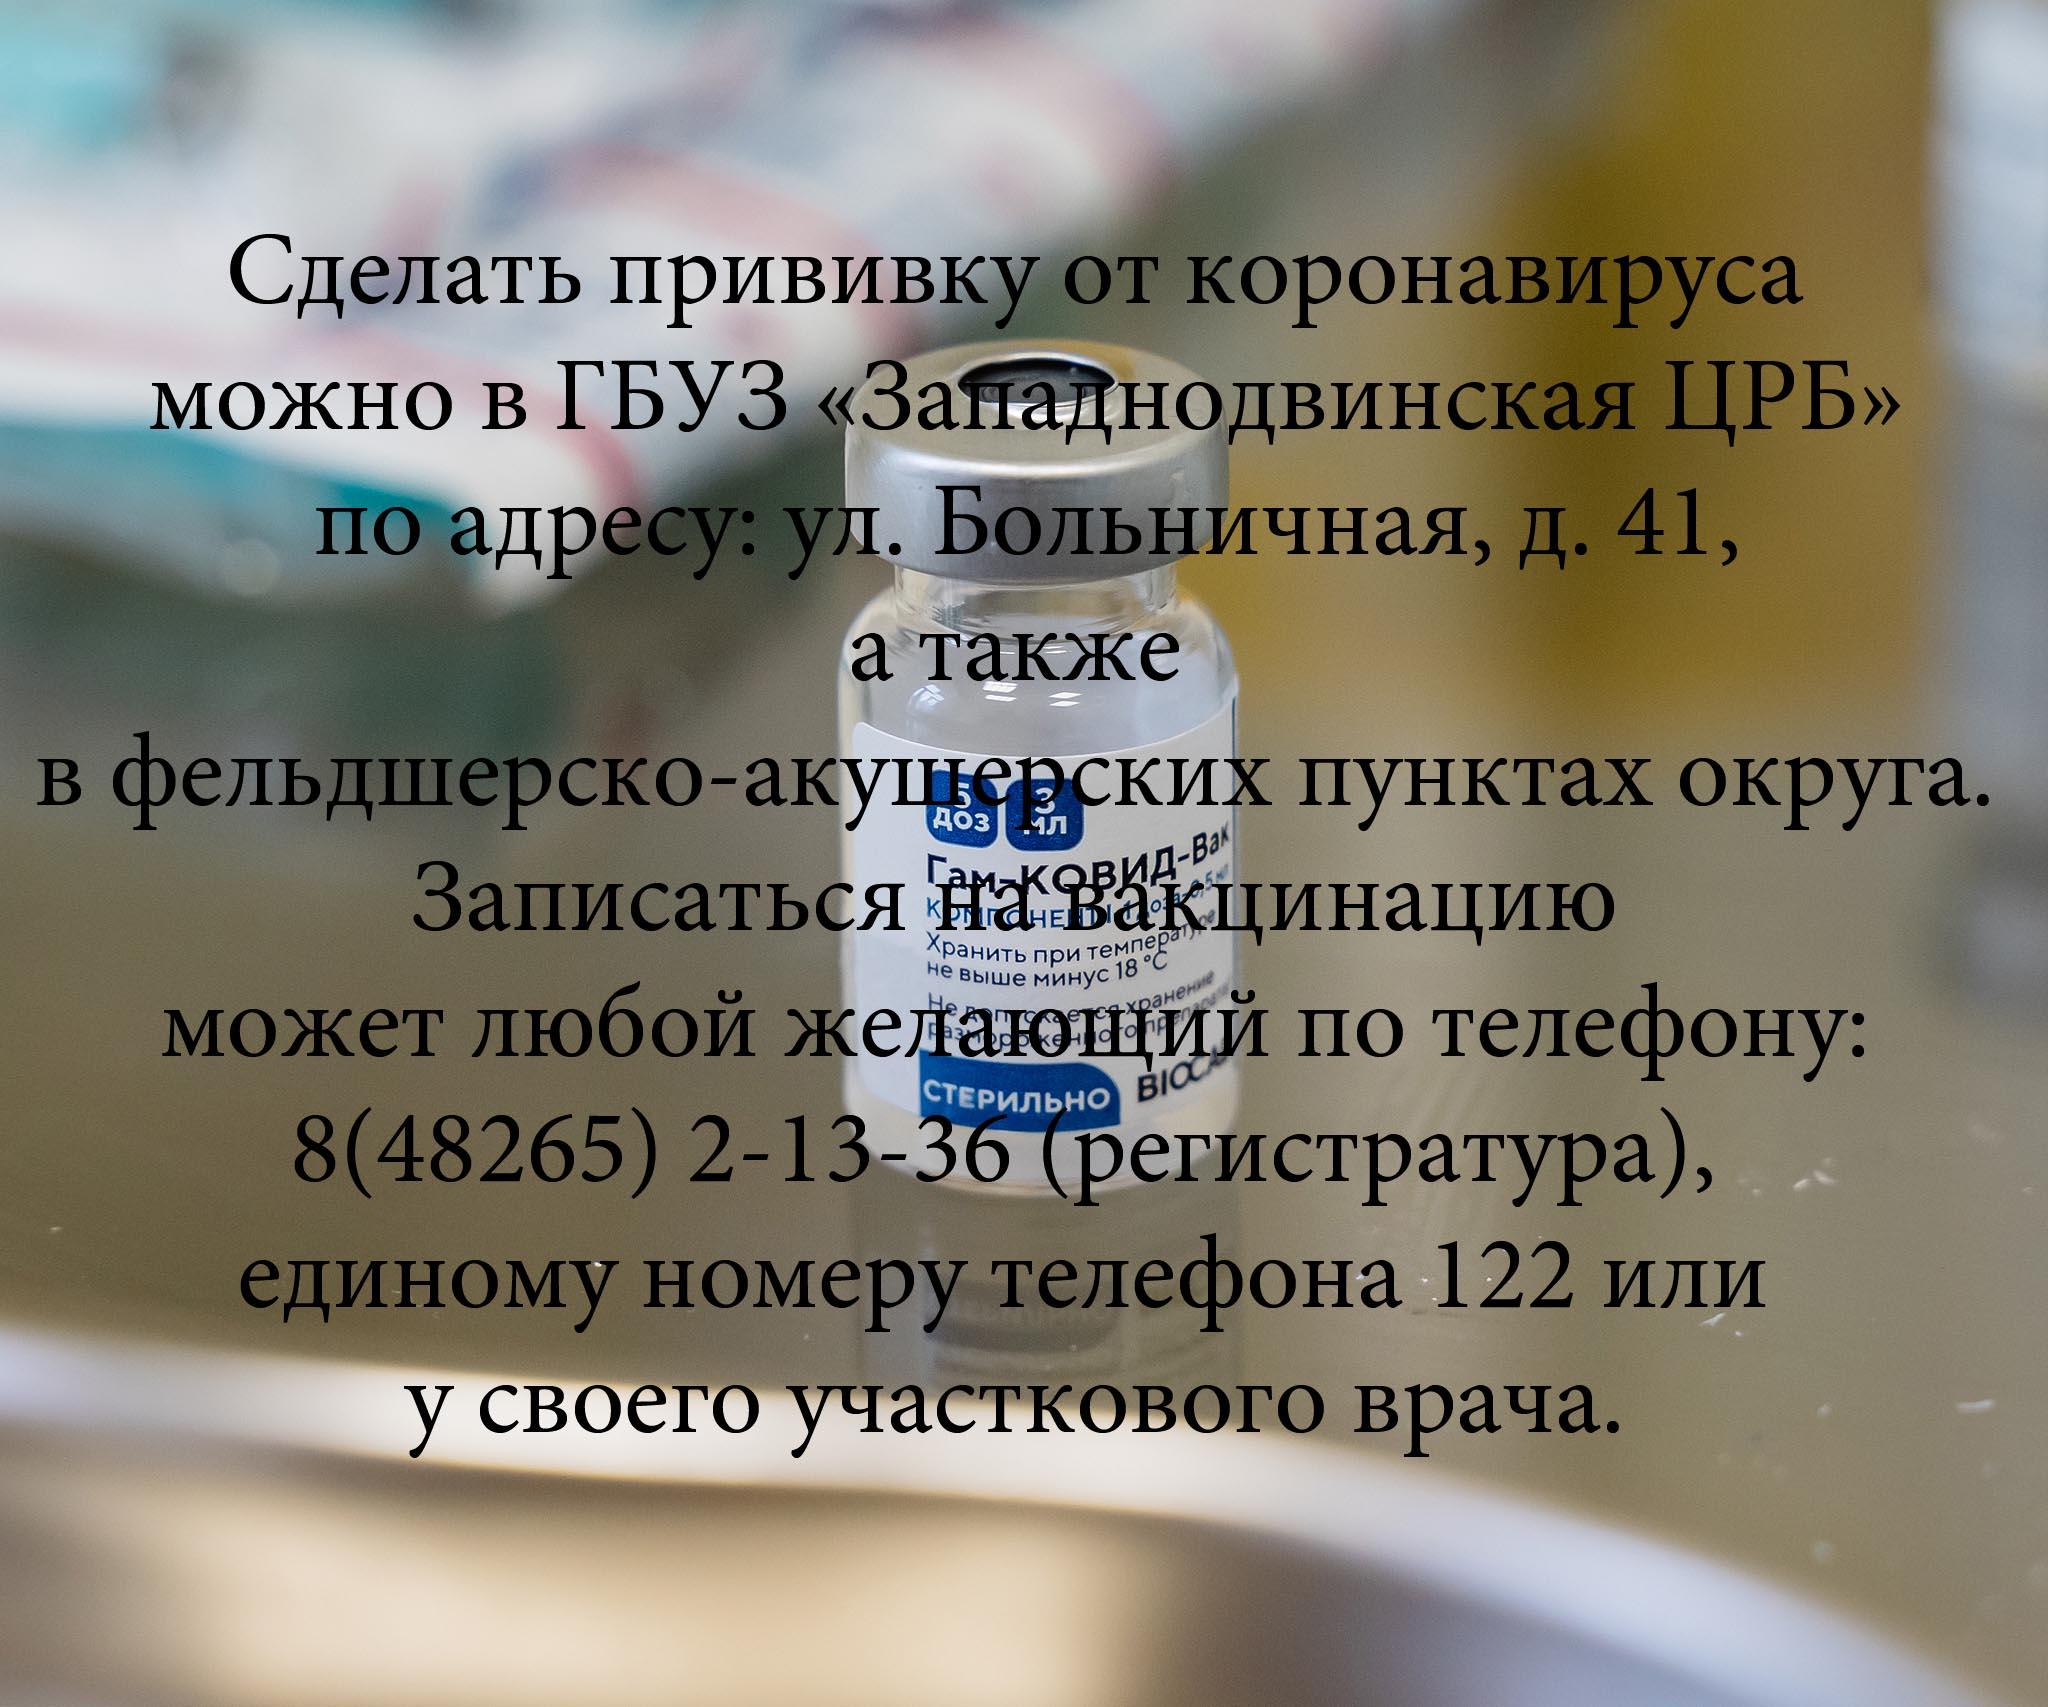 Сделать прививку от коронавируса можно в ГБУЗ «Западнодвинская ЦРБ» по адресу: ул. Больничная, д. 41, а также в фельдшерско-акушерских пунктах округа. Напомним, что записаться на вакцинацию может любой желающий по телефону: 8(48265) 2-13-36 (регистратура), единому номеру телефона 122 или у своего участкового врача.